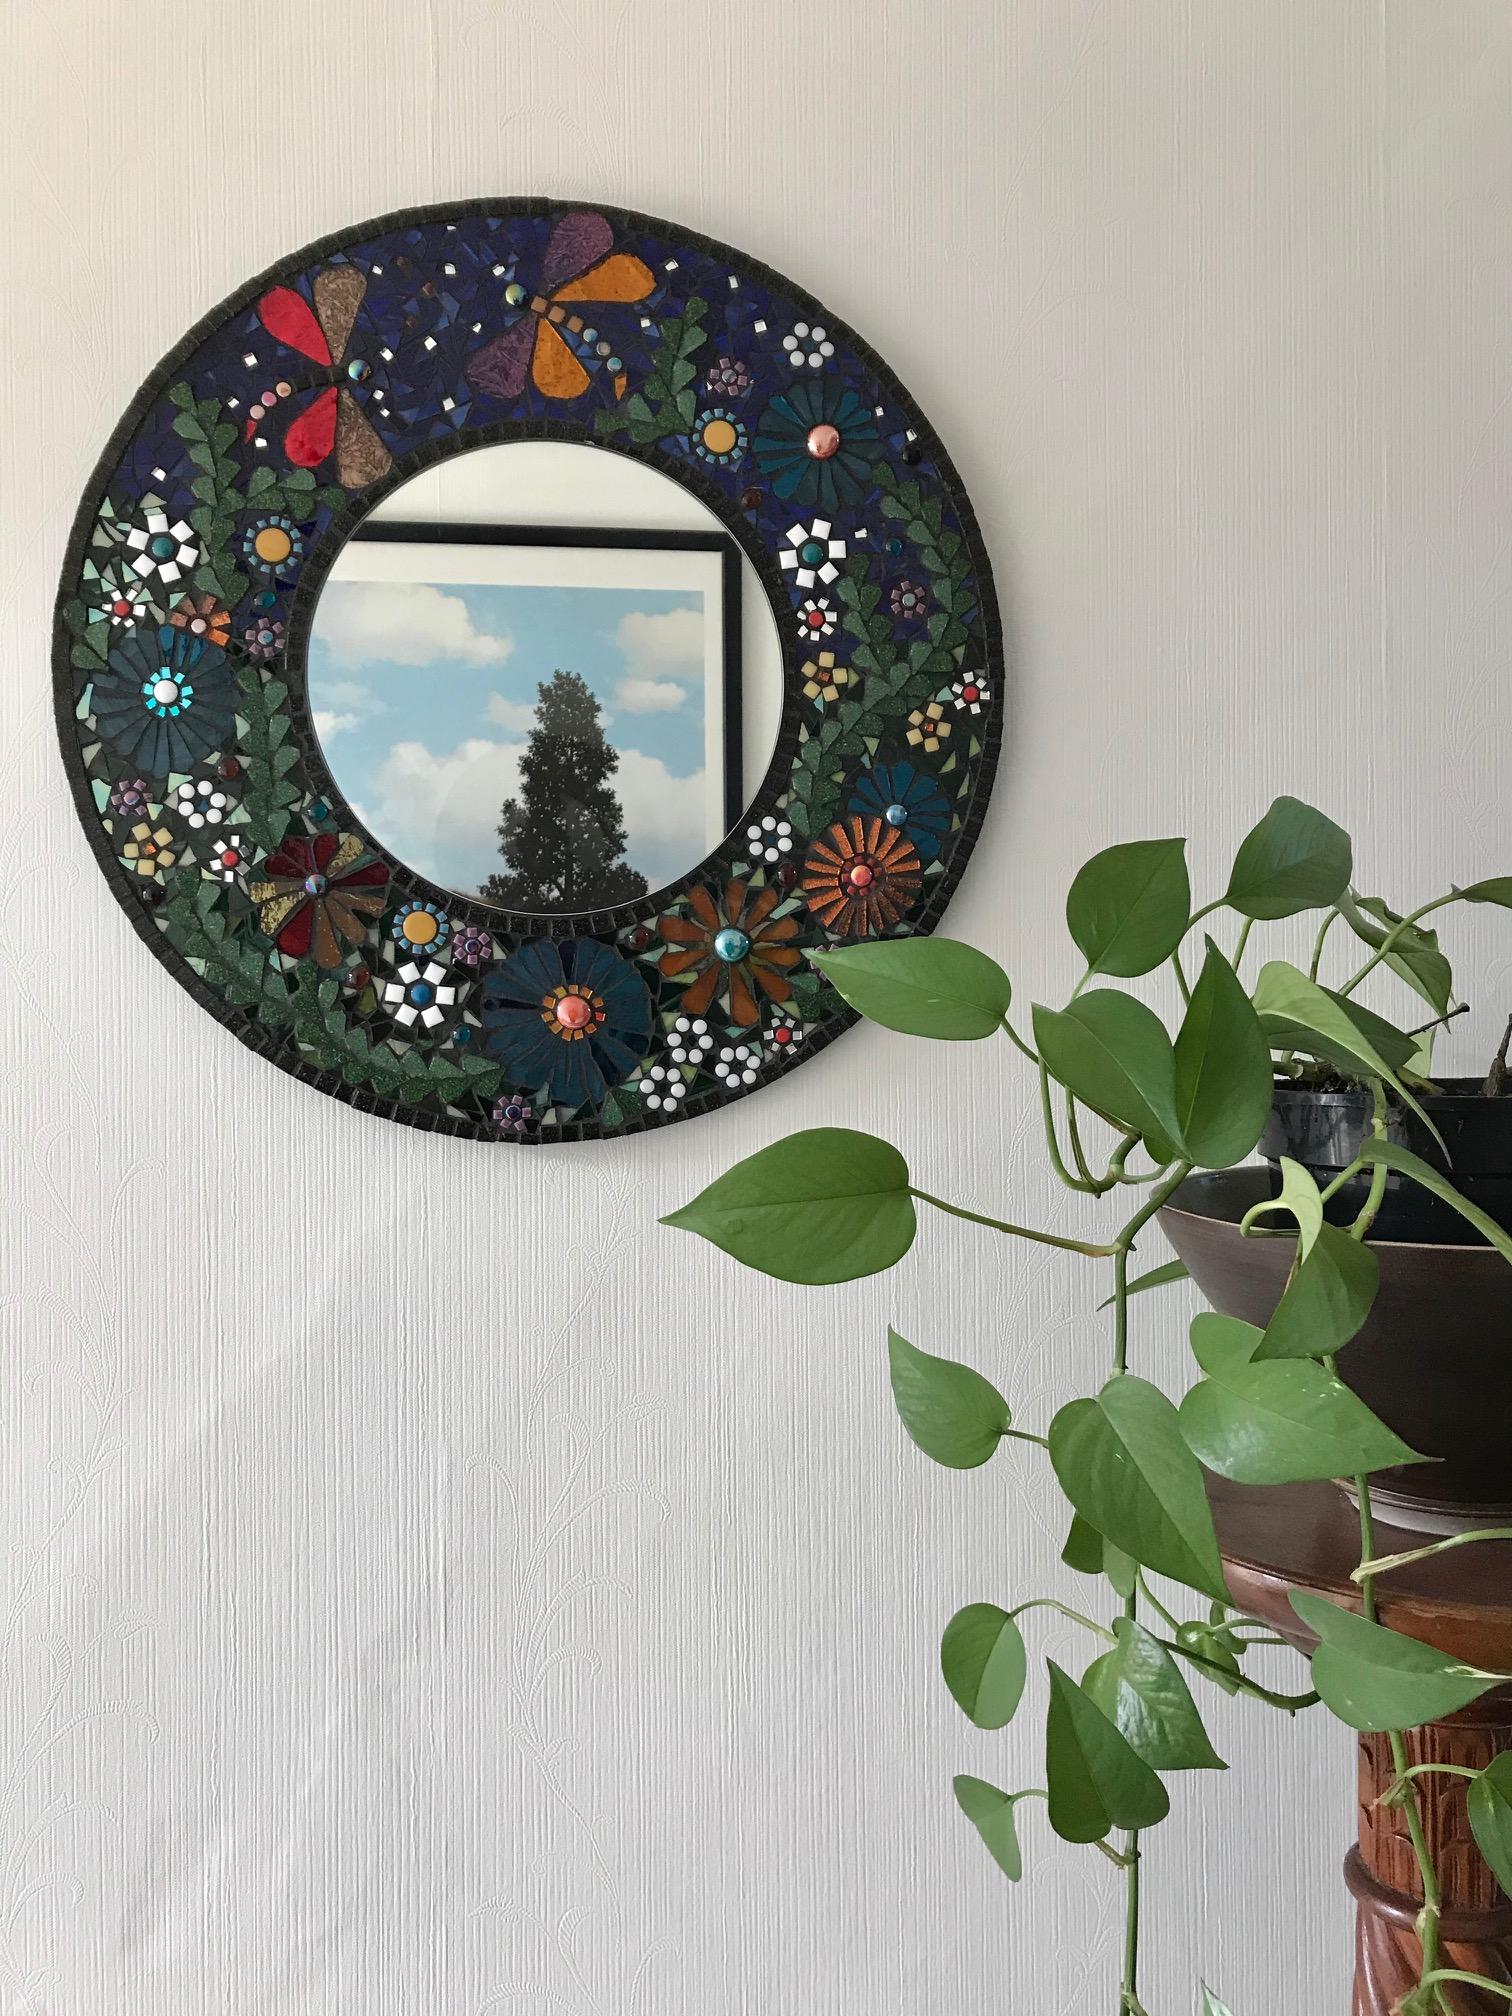 LKPortfolio 50cm Hallway Mirror